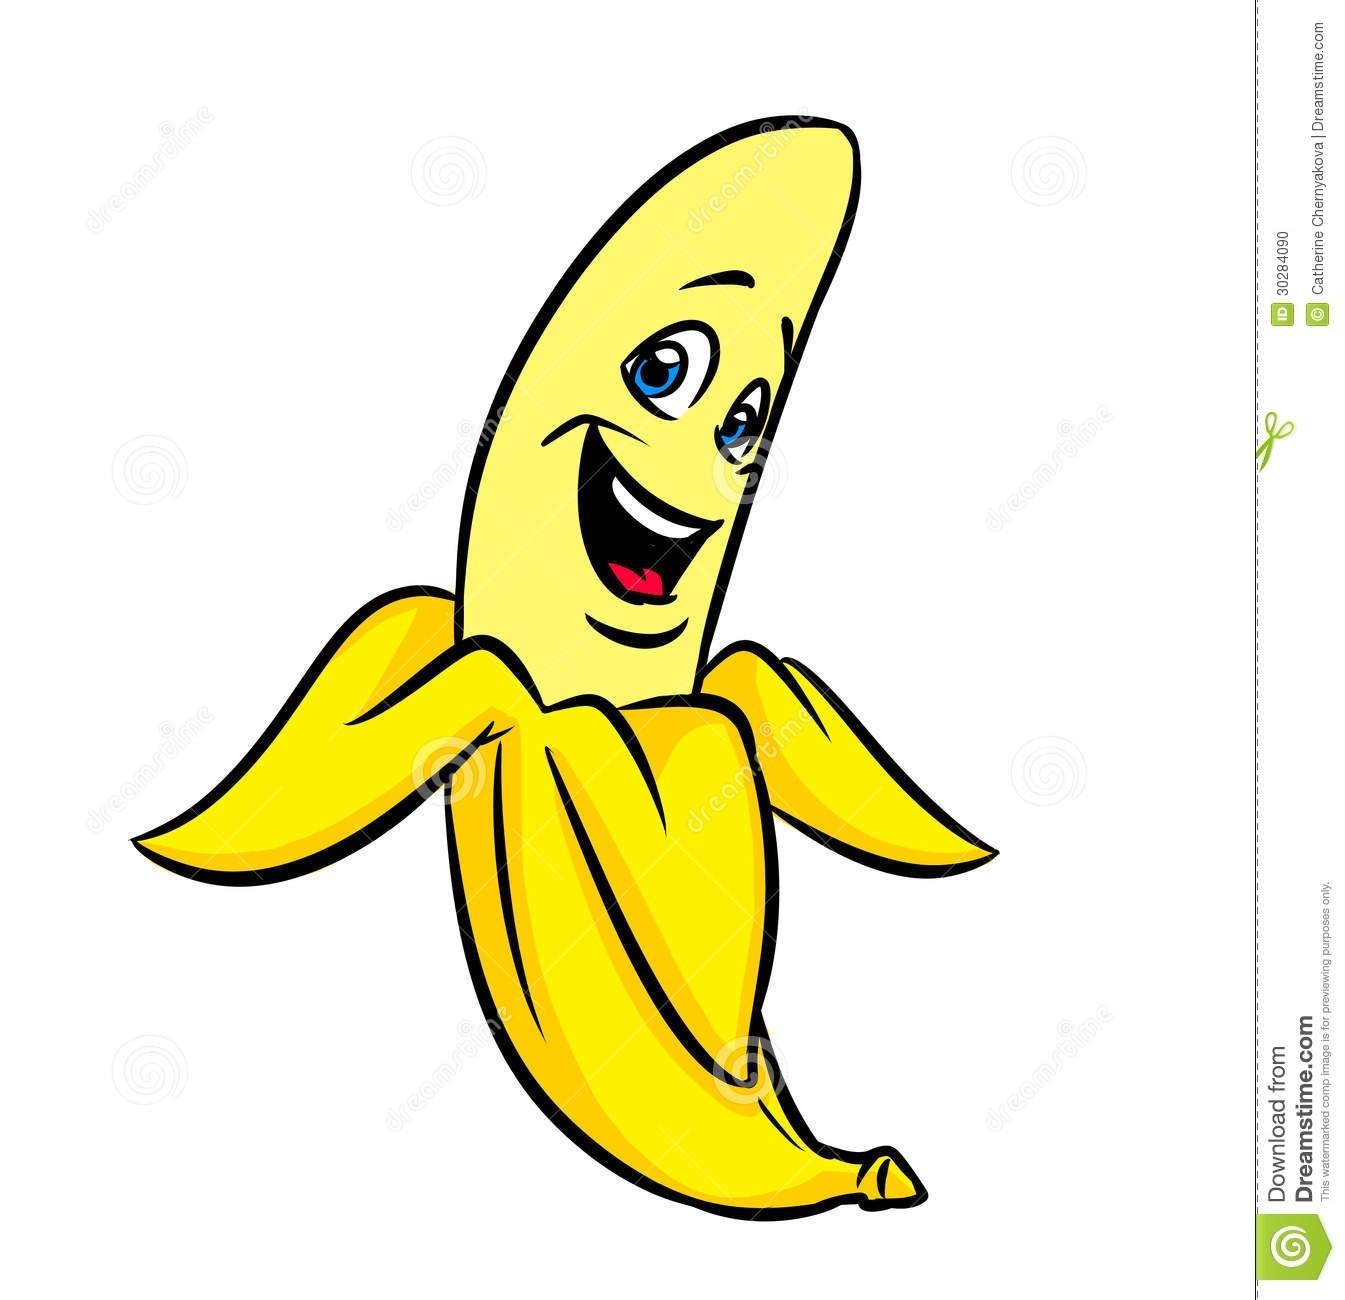 Banana clipart cartoon.  collection of high